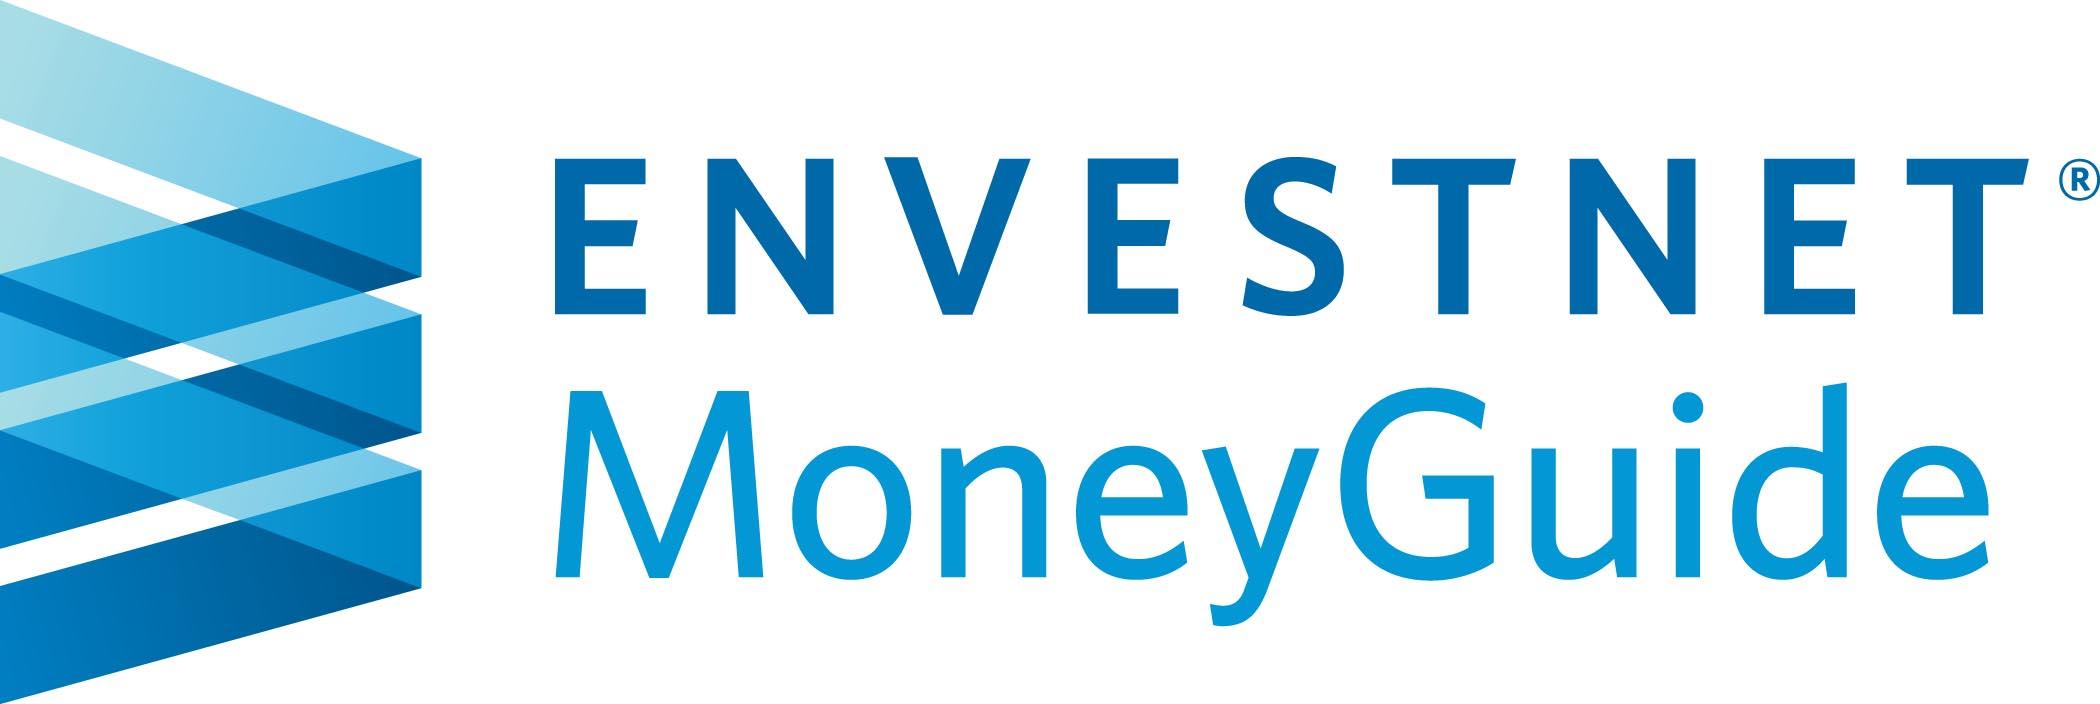 Envestnet-MoneyGuide-Logo-Full-Color 2.jpg